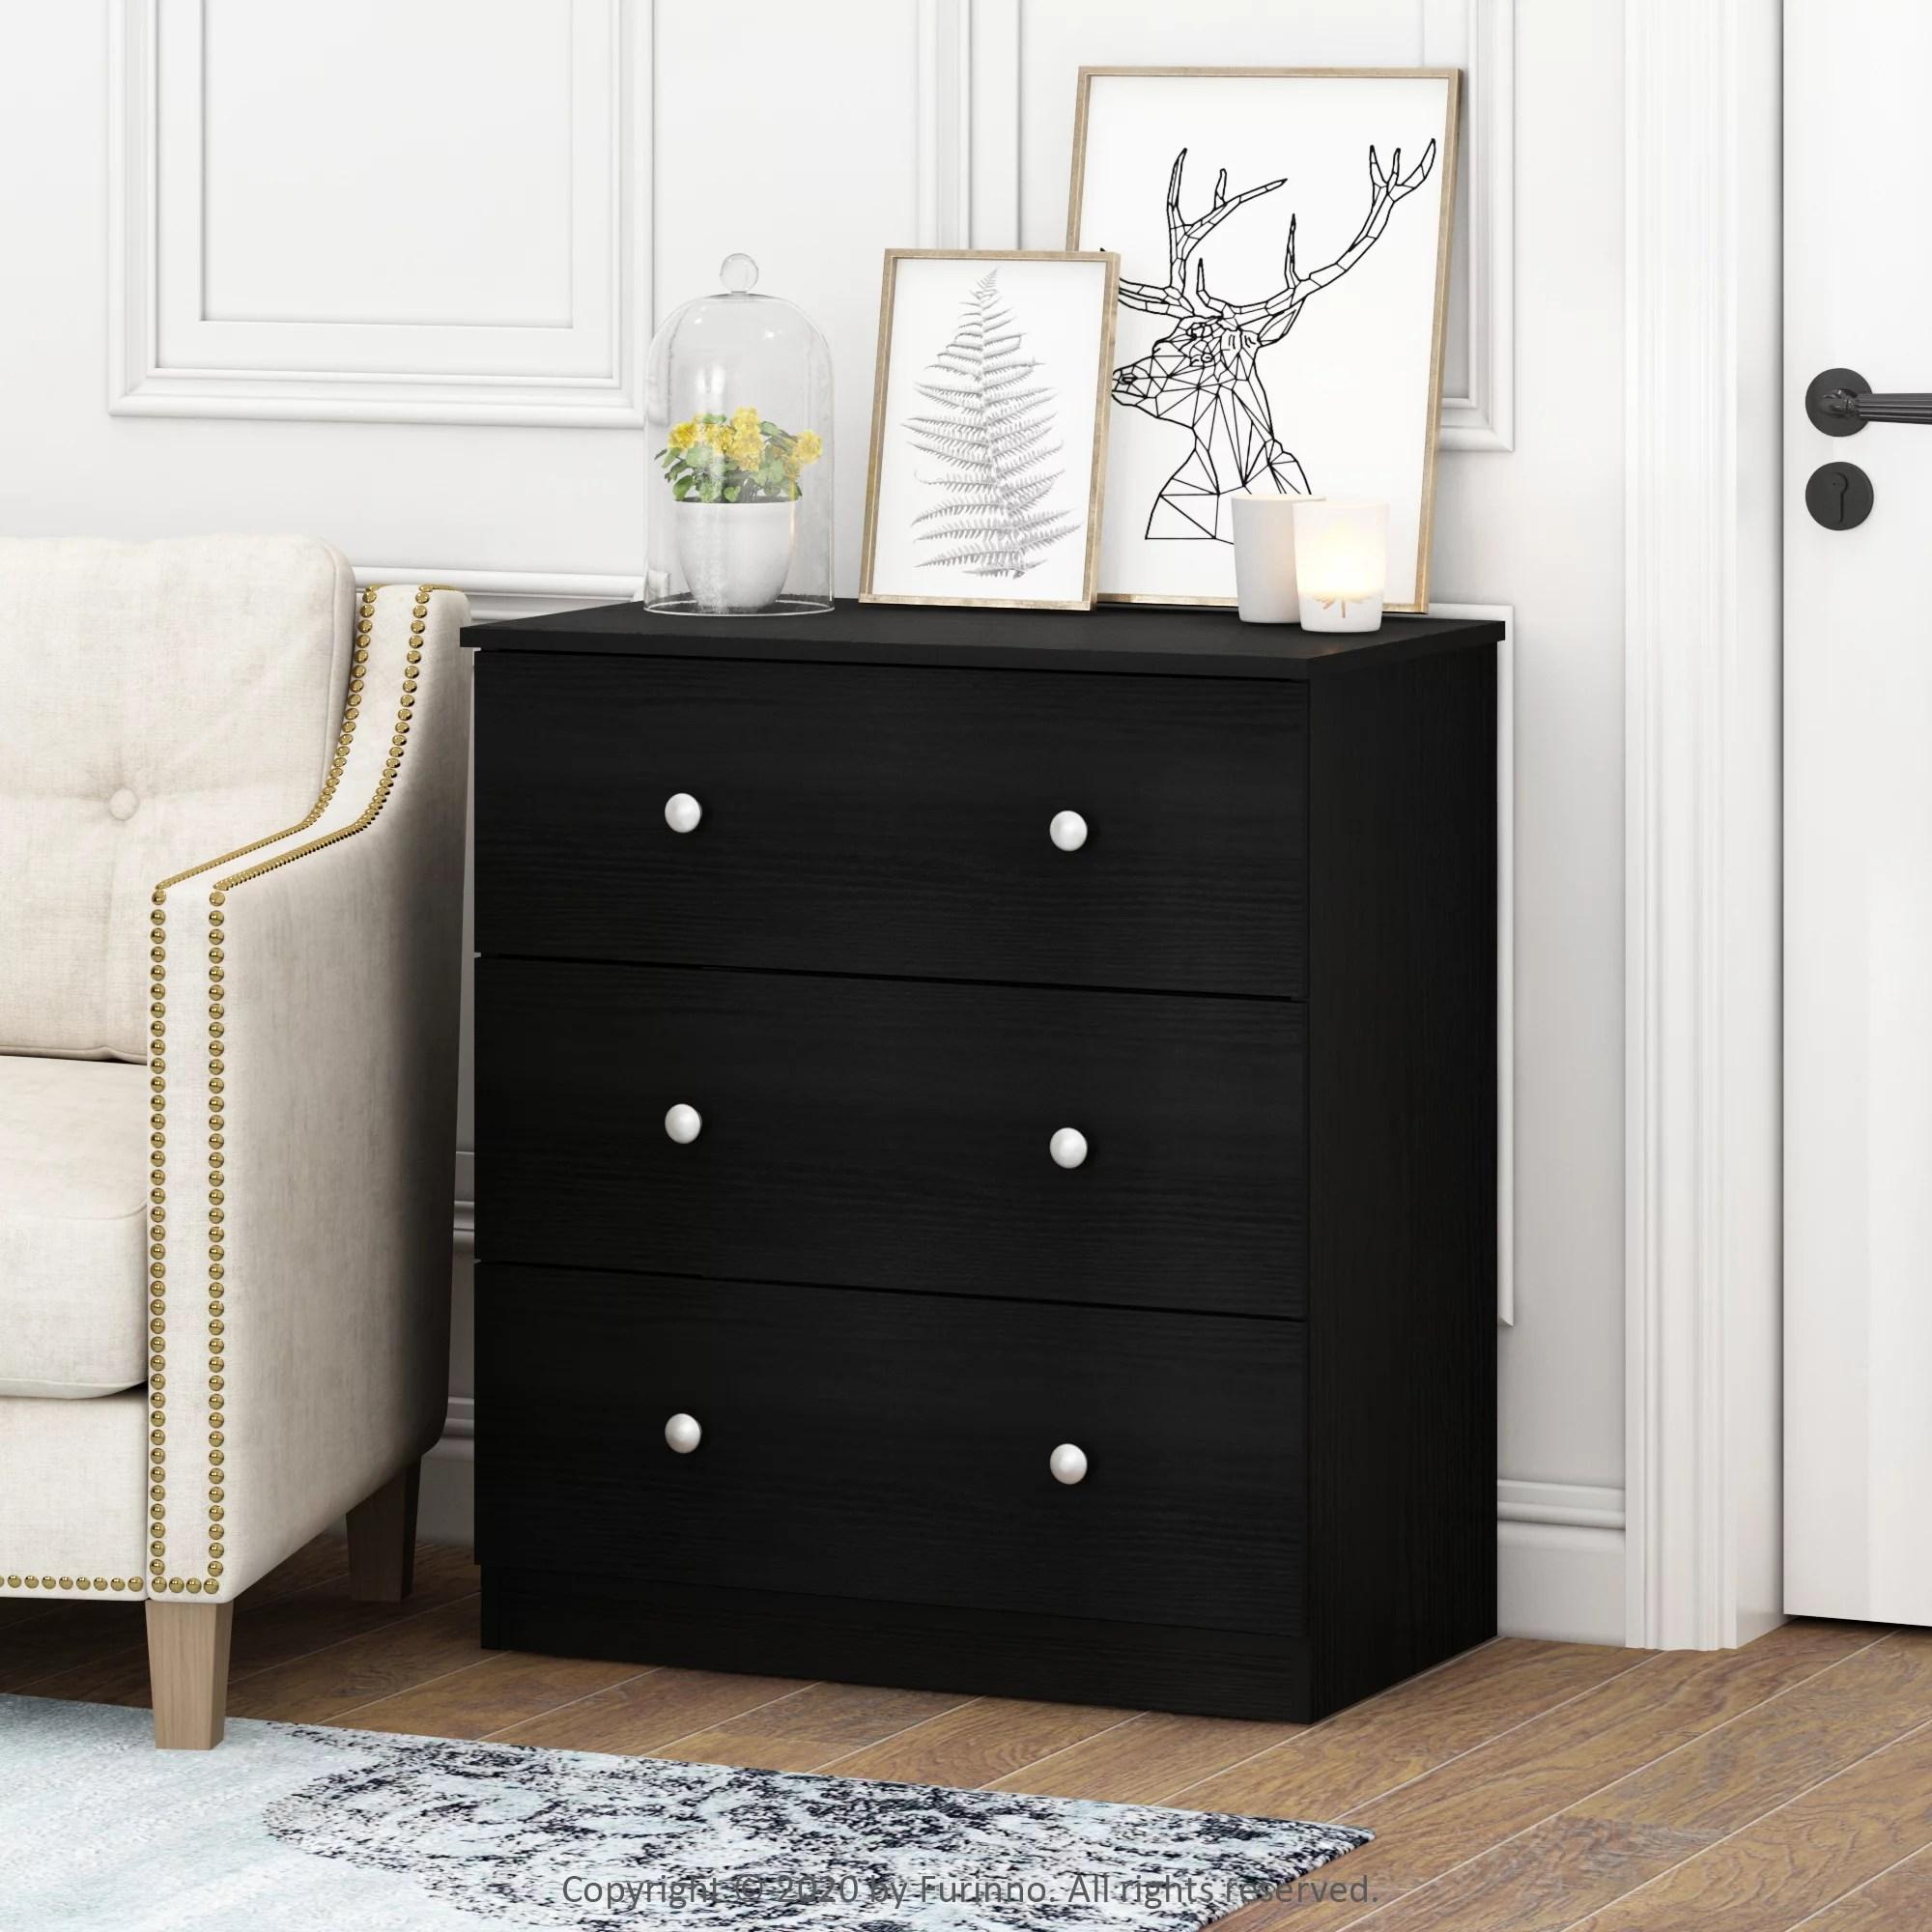 furinno lucca simple design 3 drawer dresser black oak